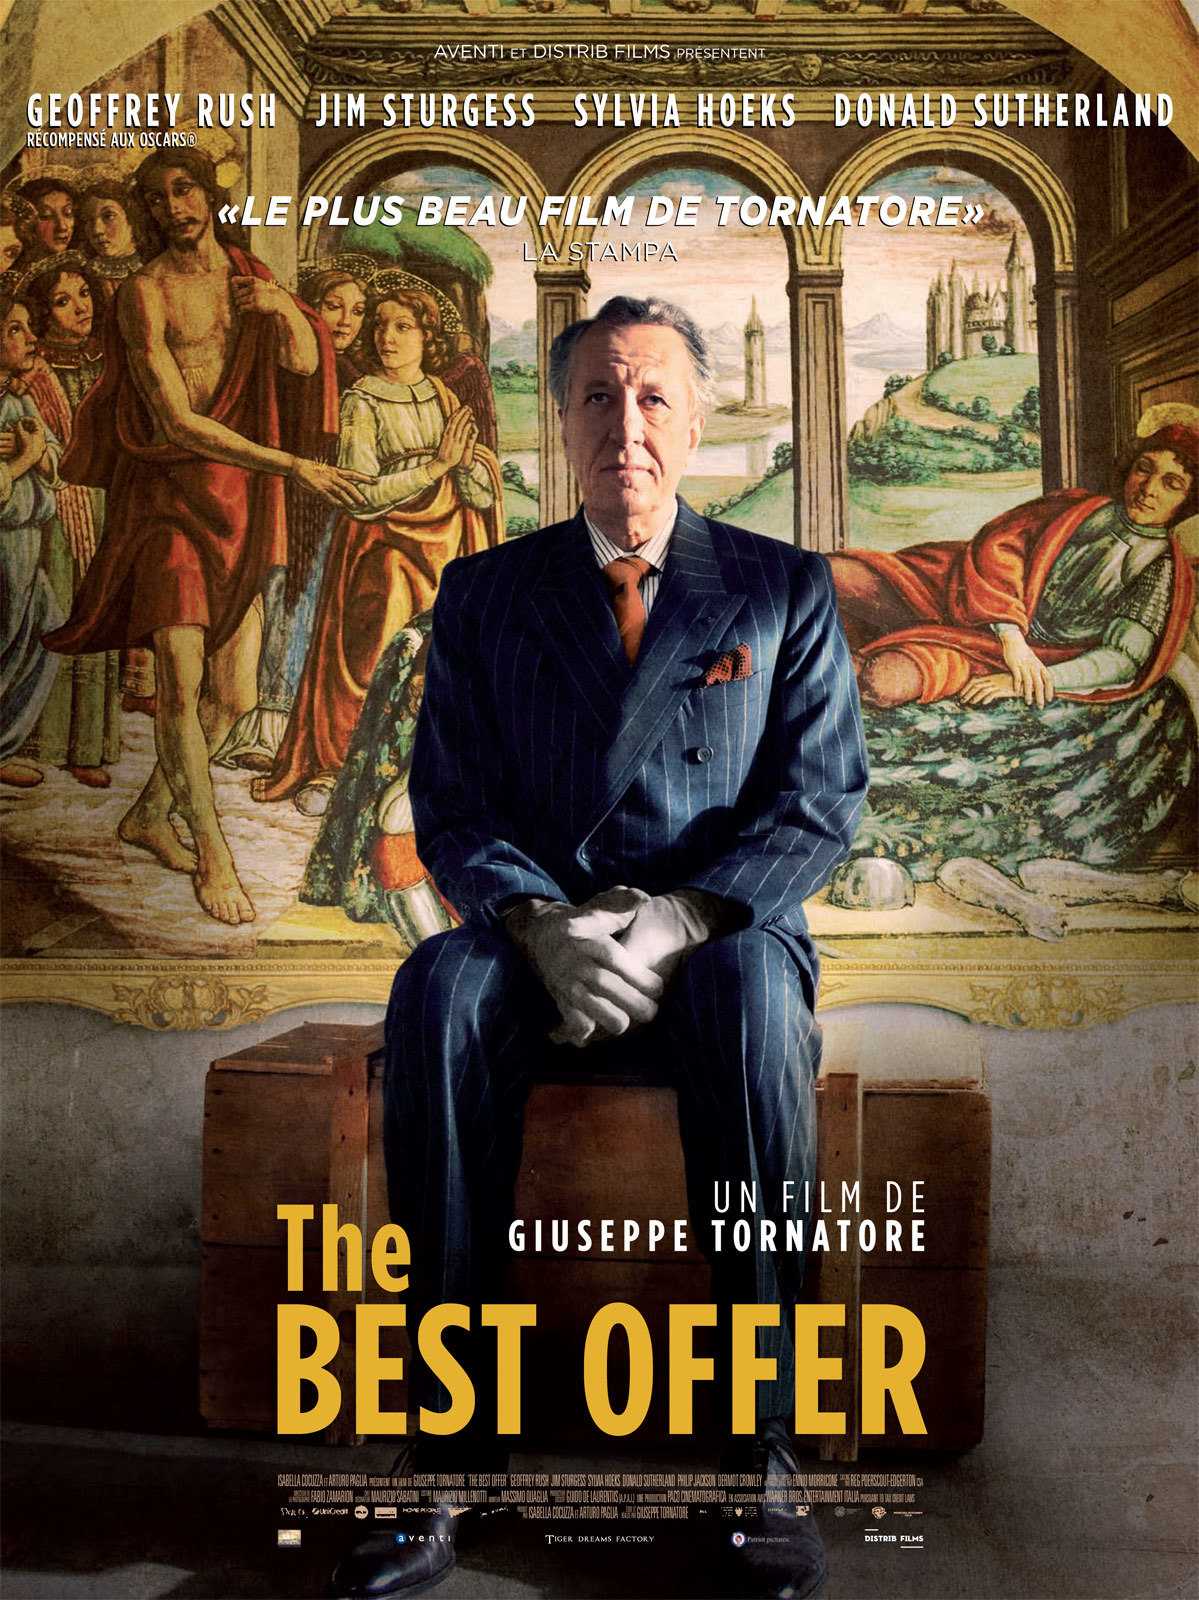 تصويت حسوب I/O لأفضل 100 فيلم أجنبي